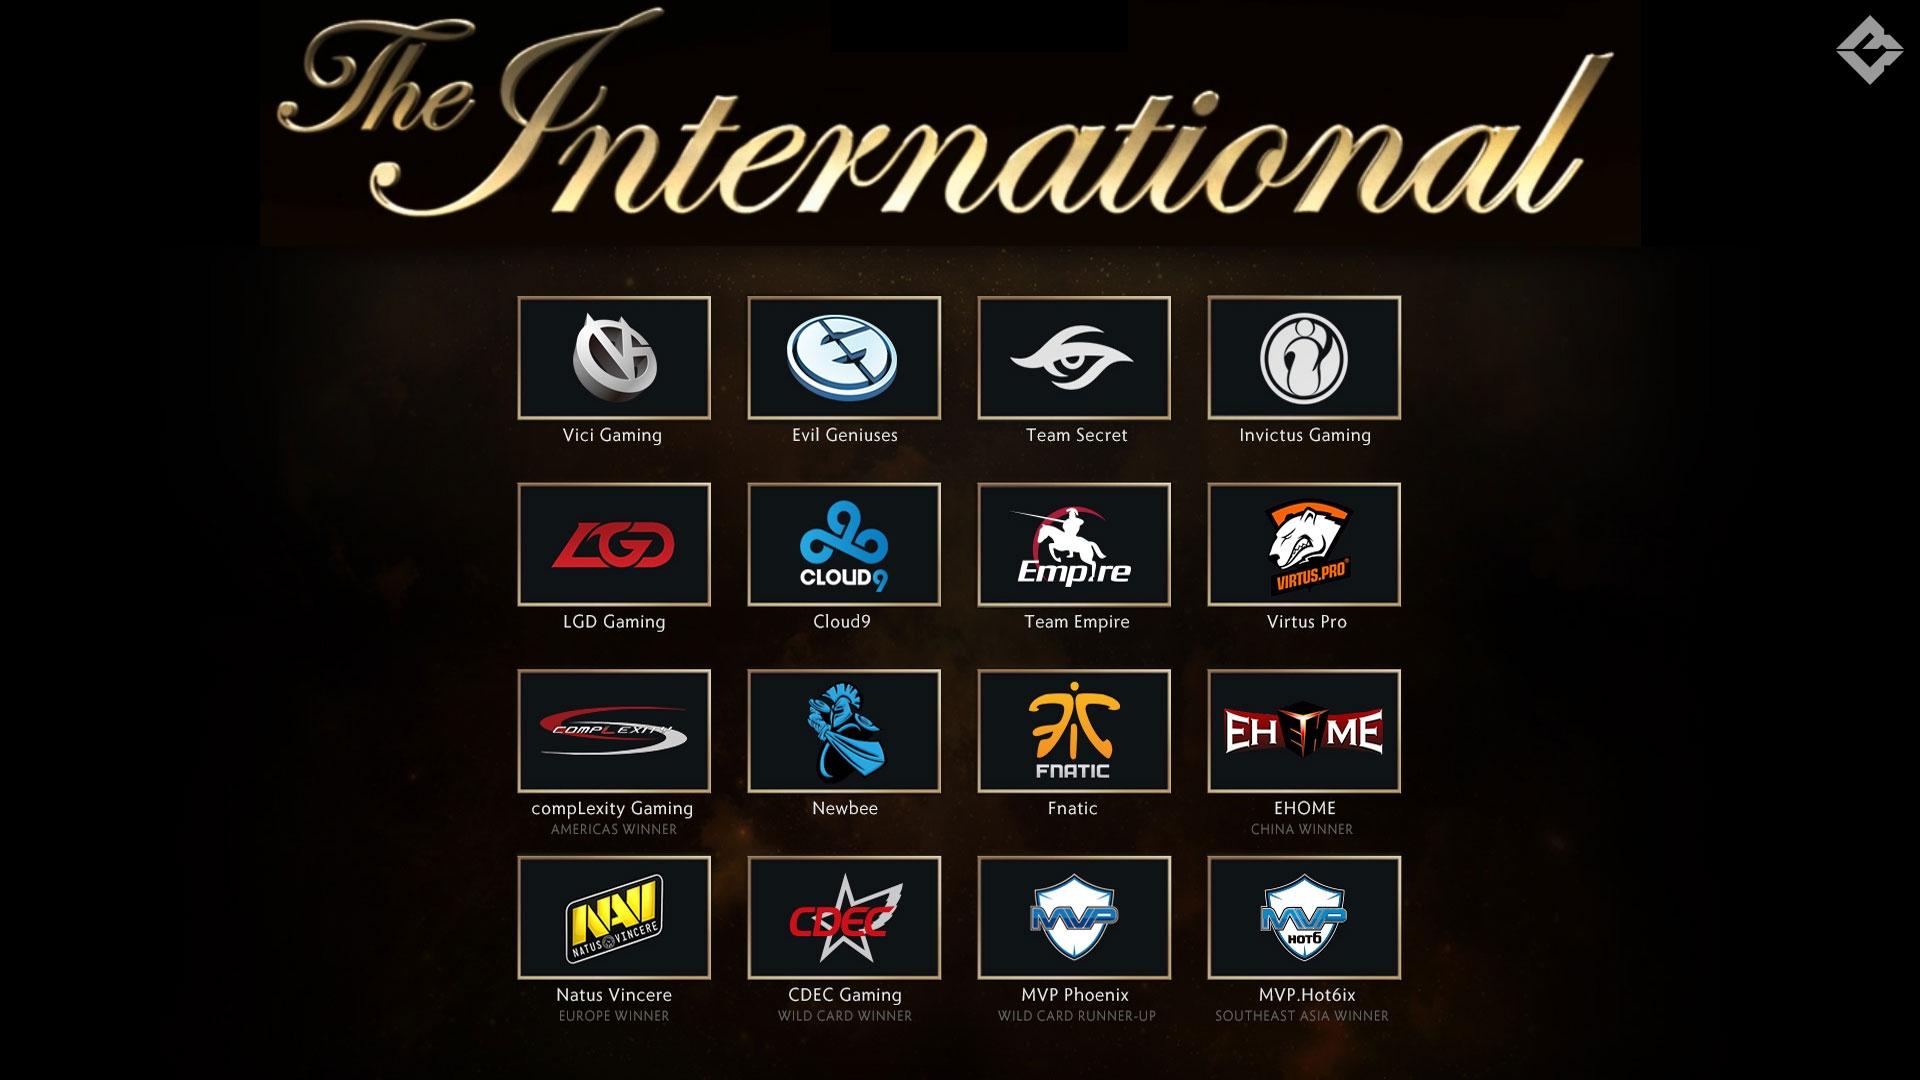 Результаты The International 2015: Evil Geniuses чемпионы!